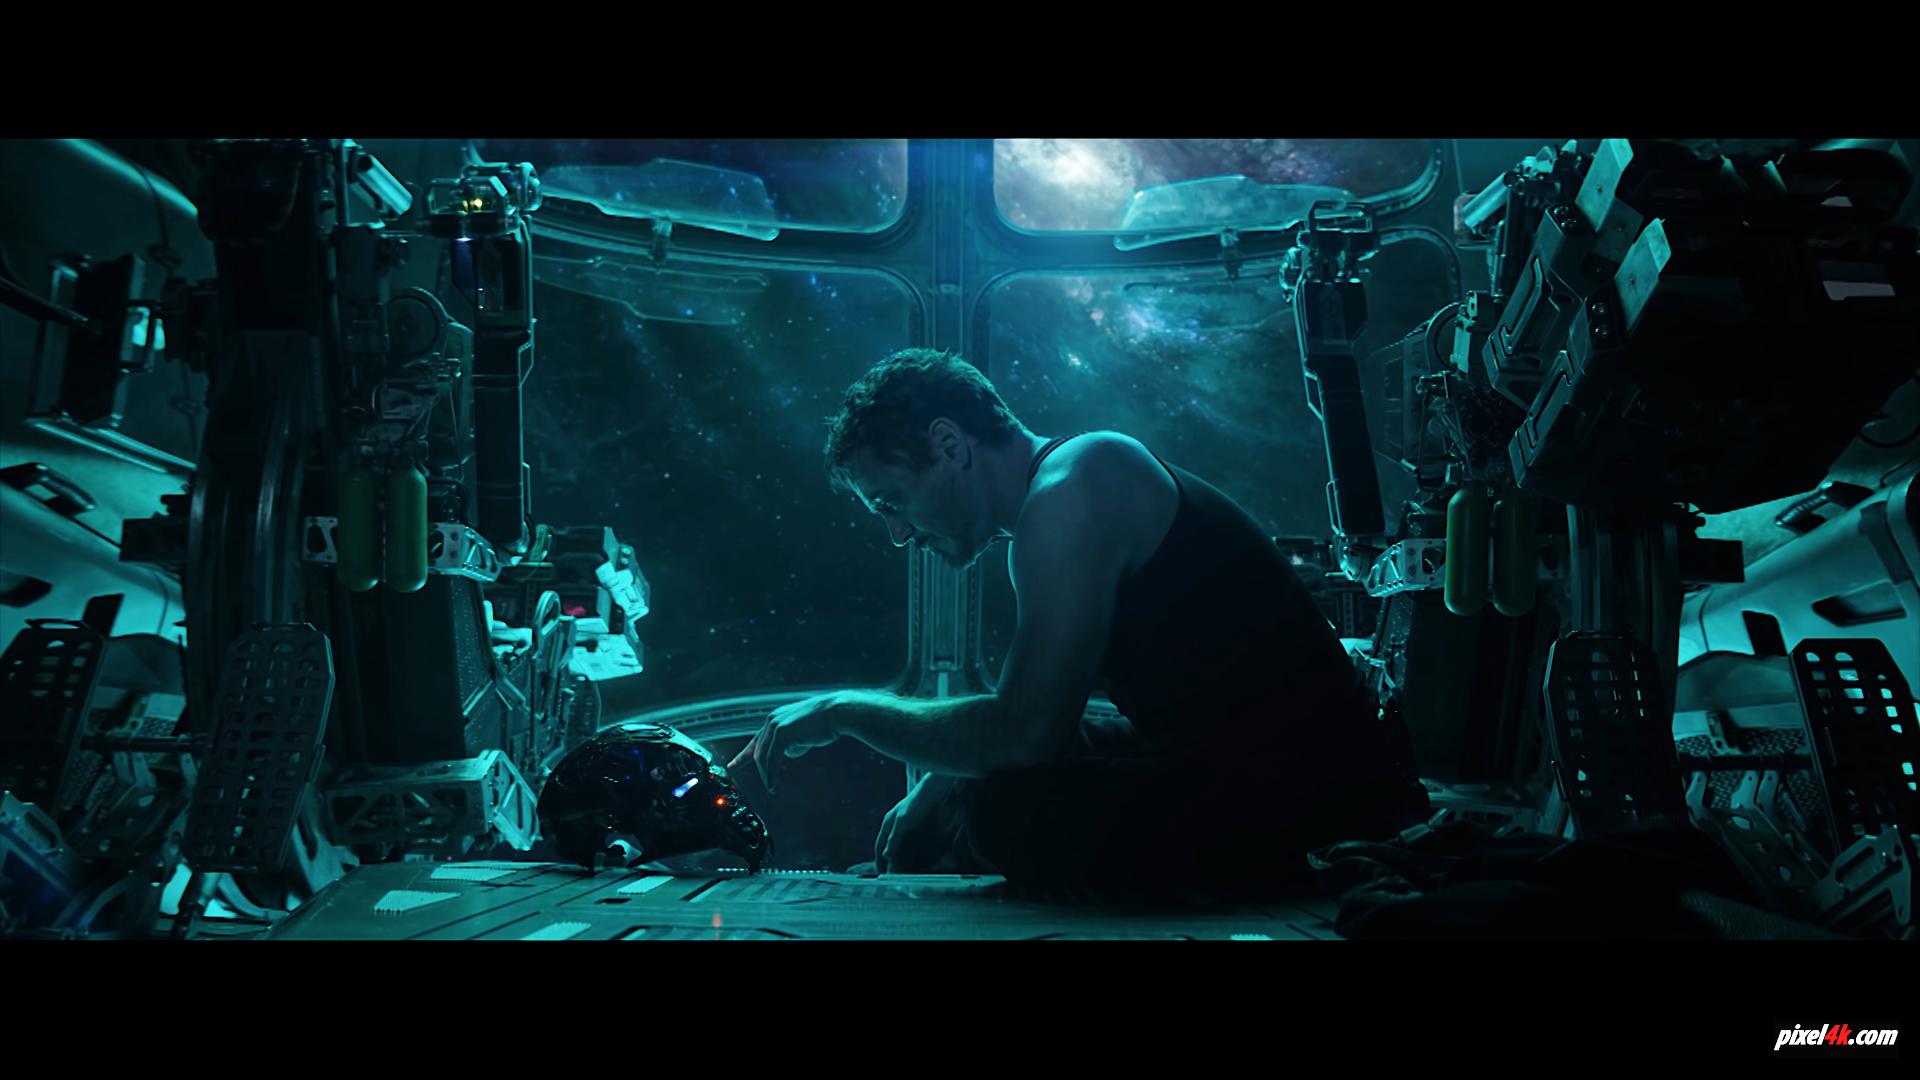 Wallpaper 4k Avengers 4 End Game Tony Stark Hd Avengers